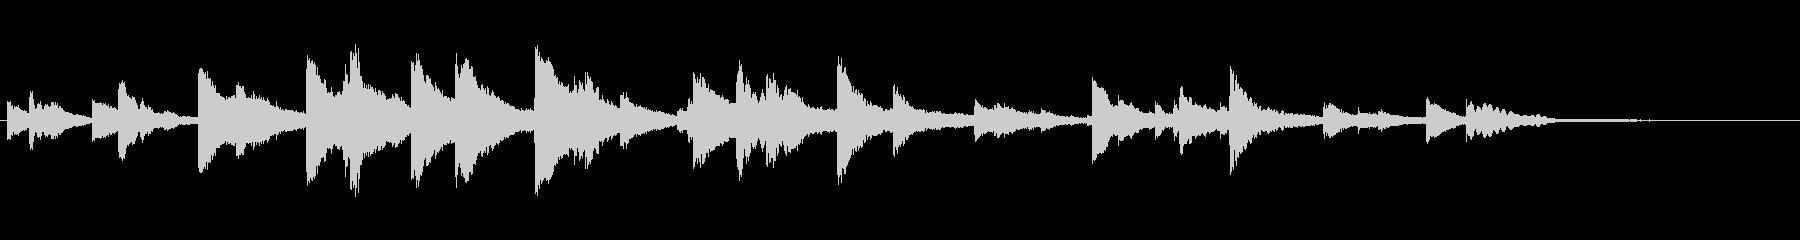 チャイムバーストラムスプリンクルbの未再生の波形